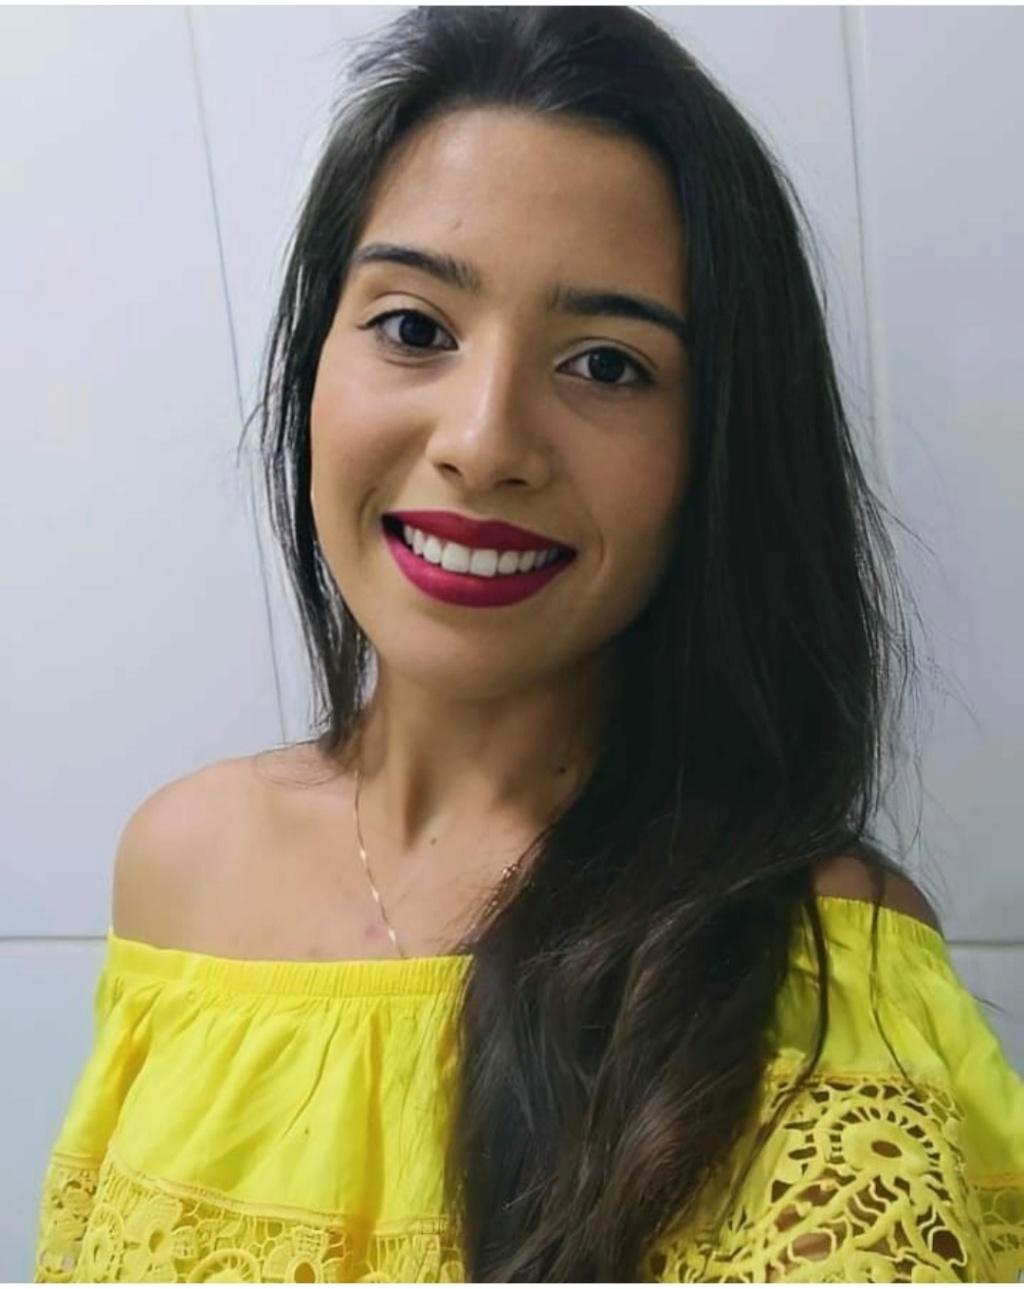 DEBATE sobre belleza, guapura y hermosura (fotos de chicas latinas, mestizas, y de todo) - VOL II - Página 16 Img_1758